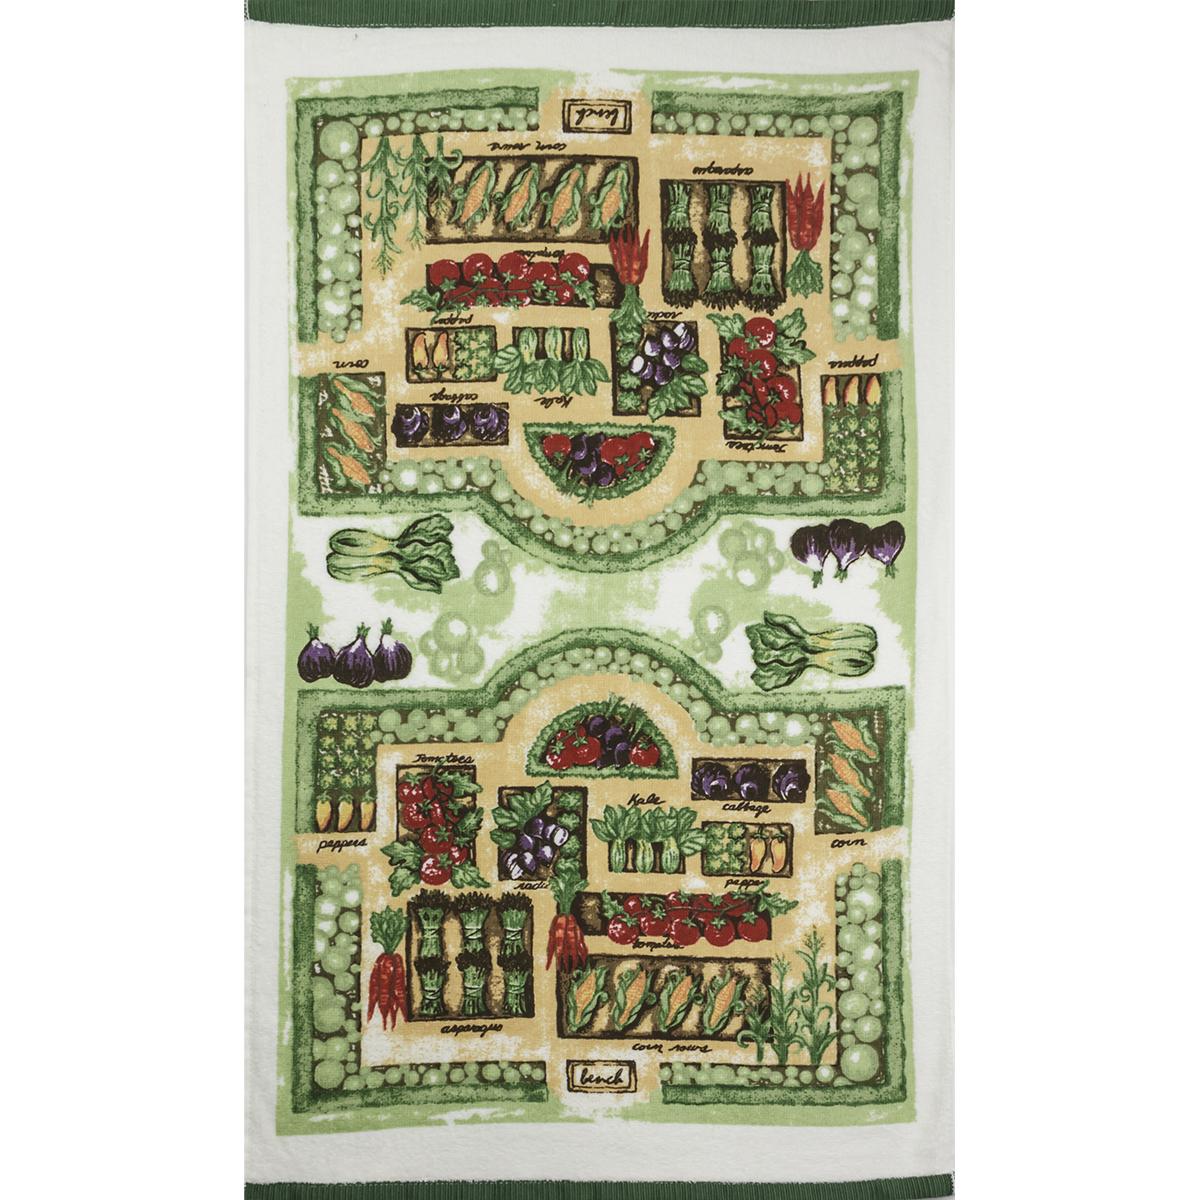 Велюровое полотенце Урожай, размер 40х70 смКухонные принадлежности<br><br><br>Тип: Полотенце<br>Размер: 40х70<br>Материал: Велюр